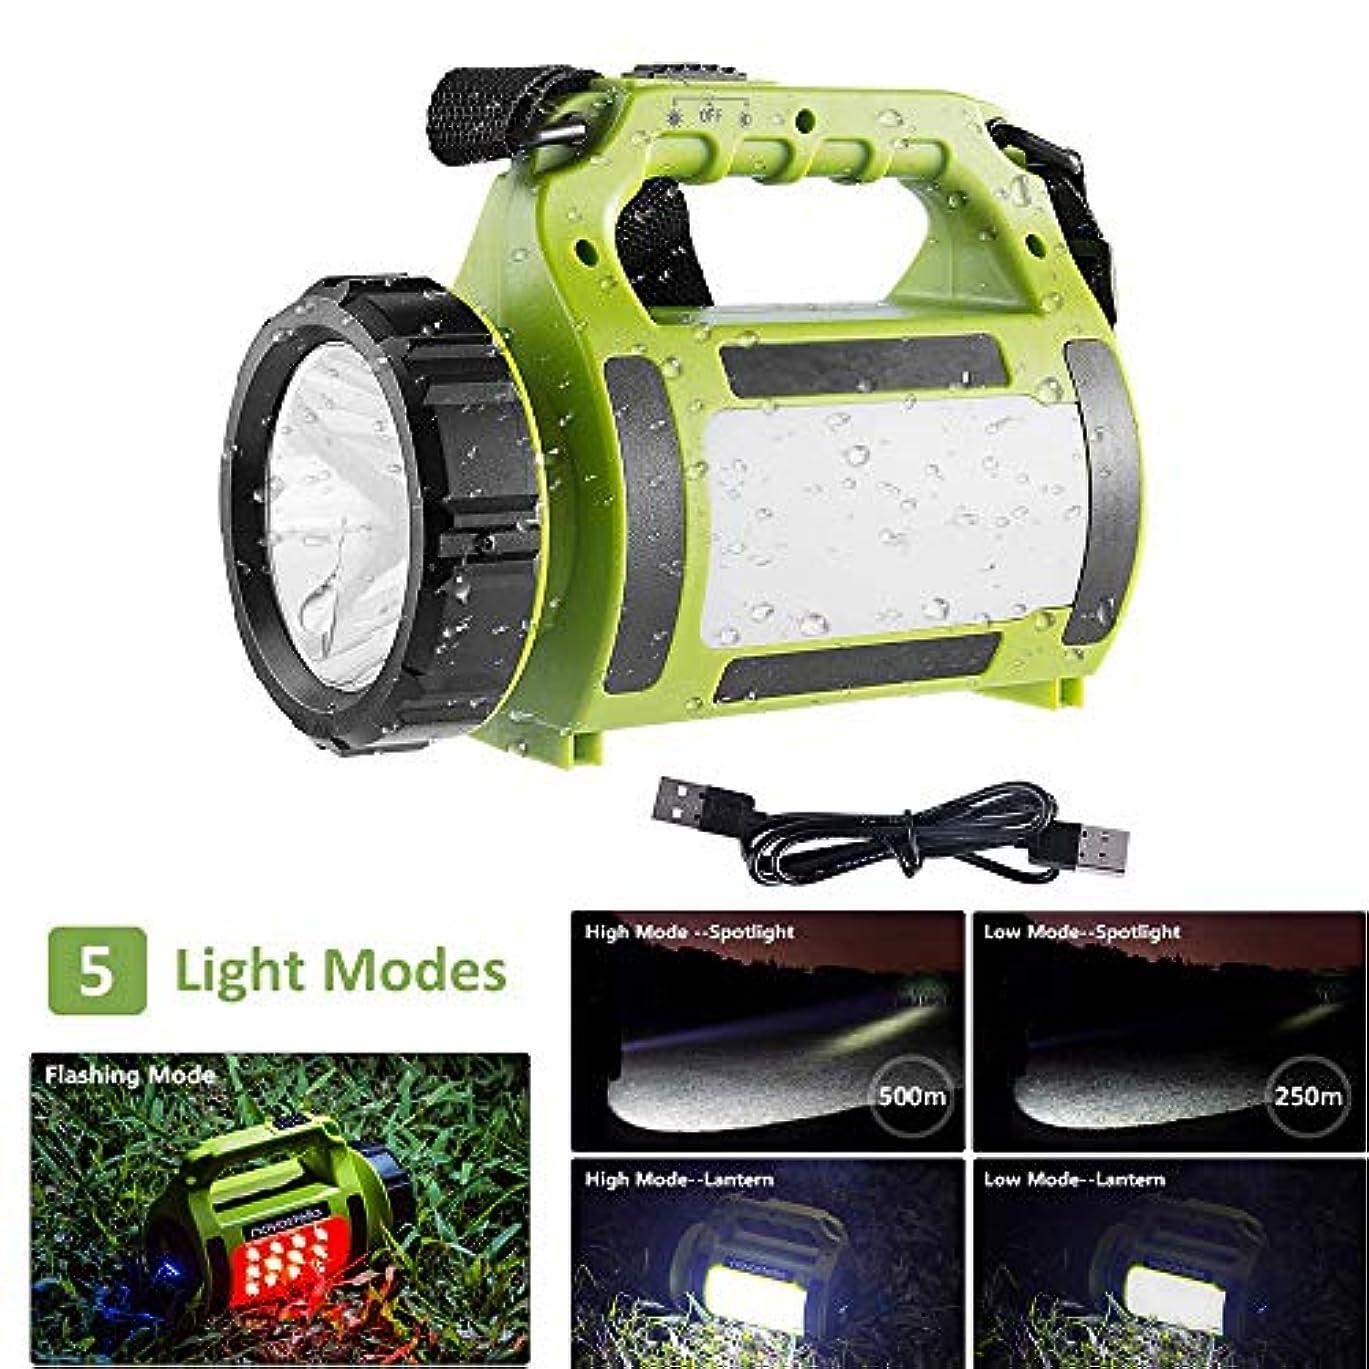 スケッチ地震形容詞ポータブル充電式LEDトーチ、多機能キャンプライト、LEDサーチライト防水スポットライト、非常ランプ軽量のランタン650lm、アウトドア用ハイキング